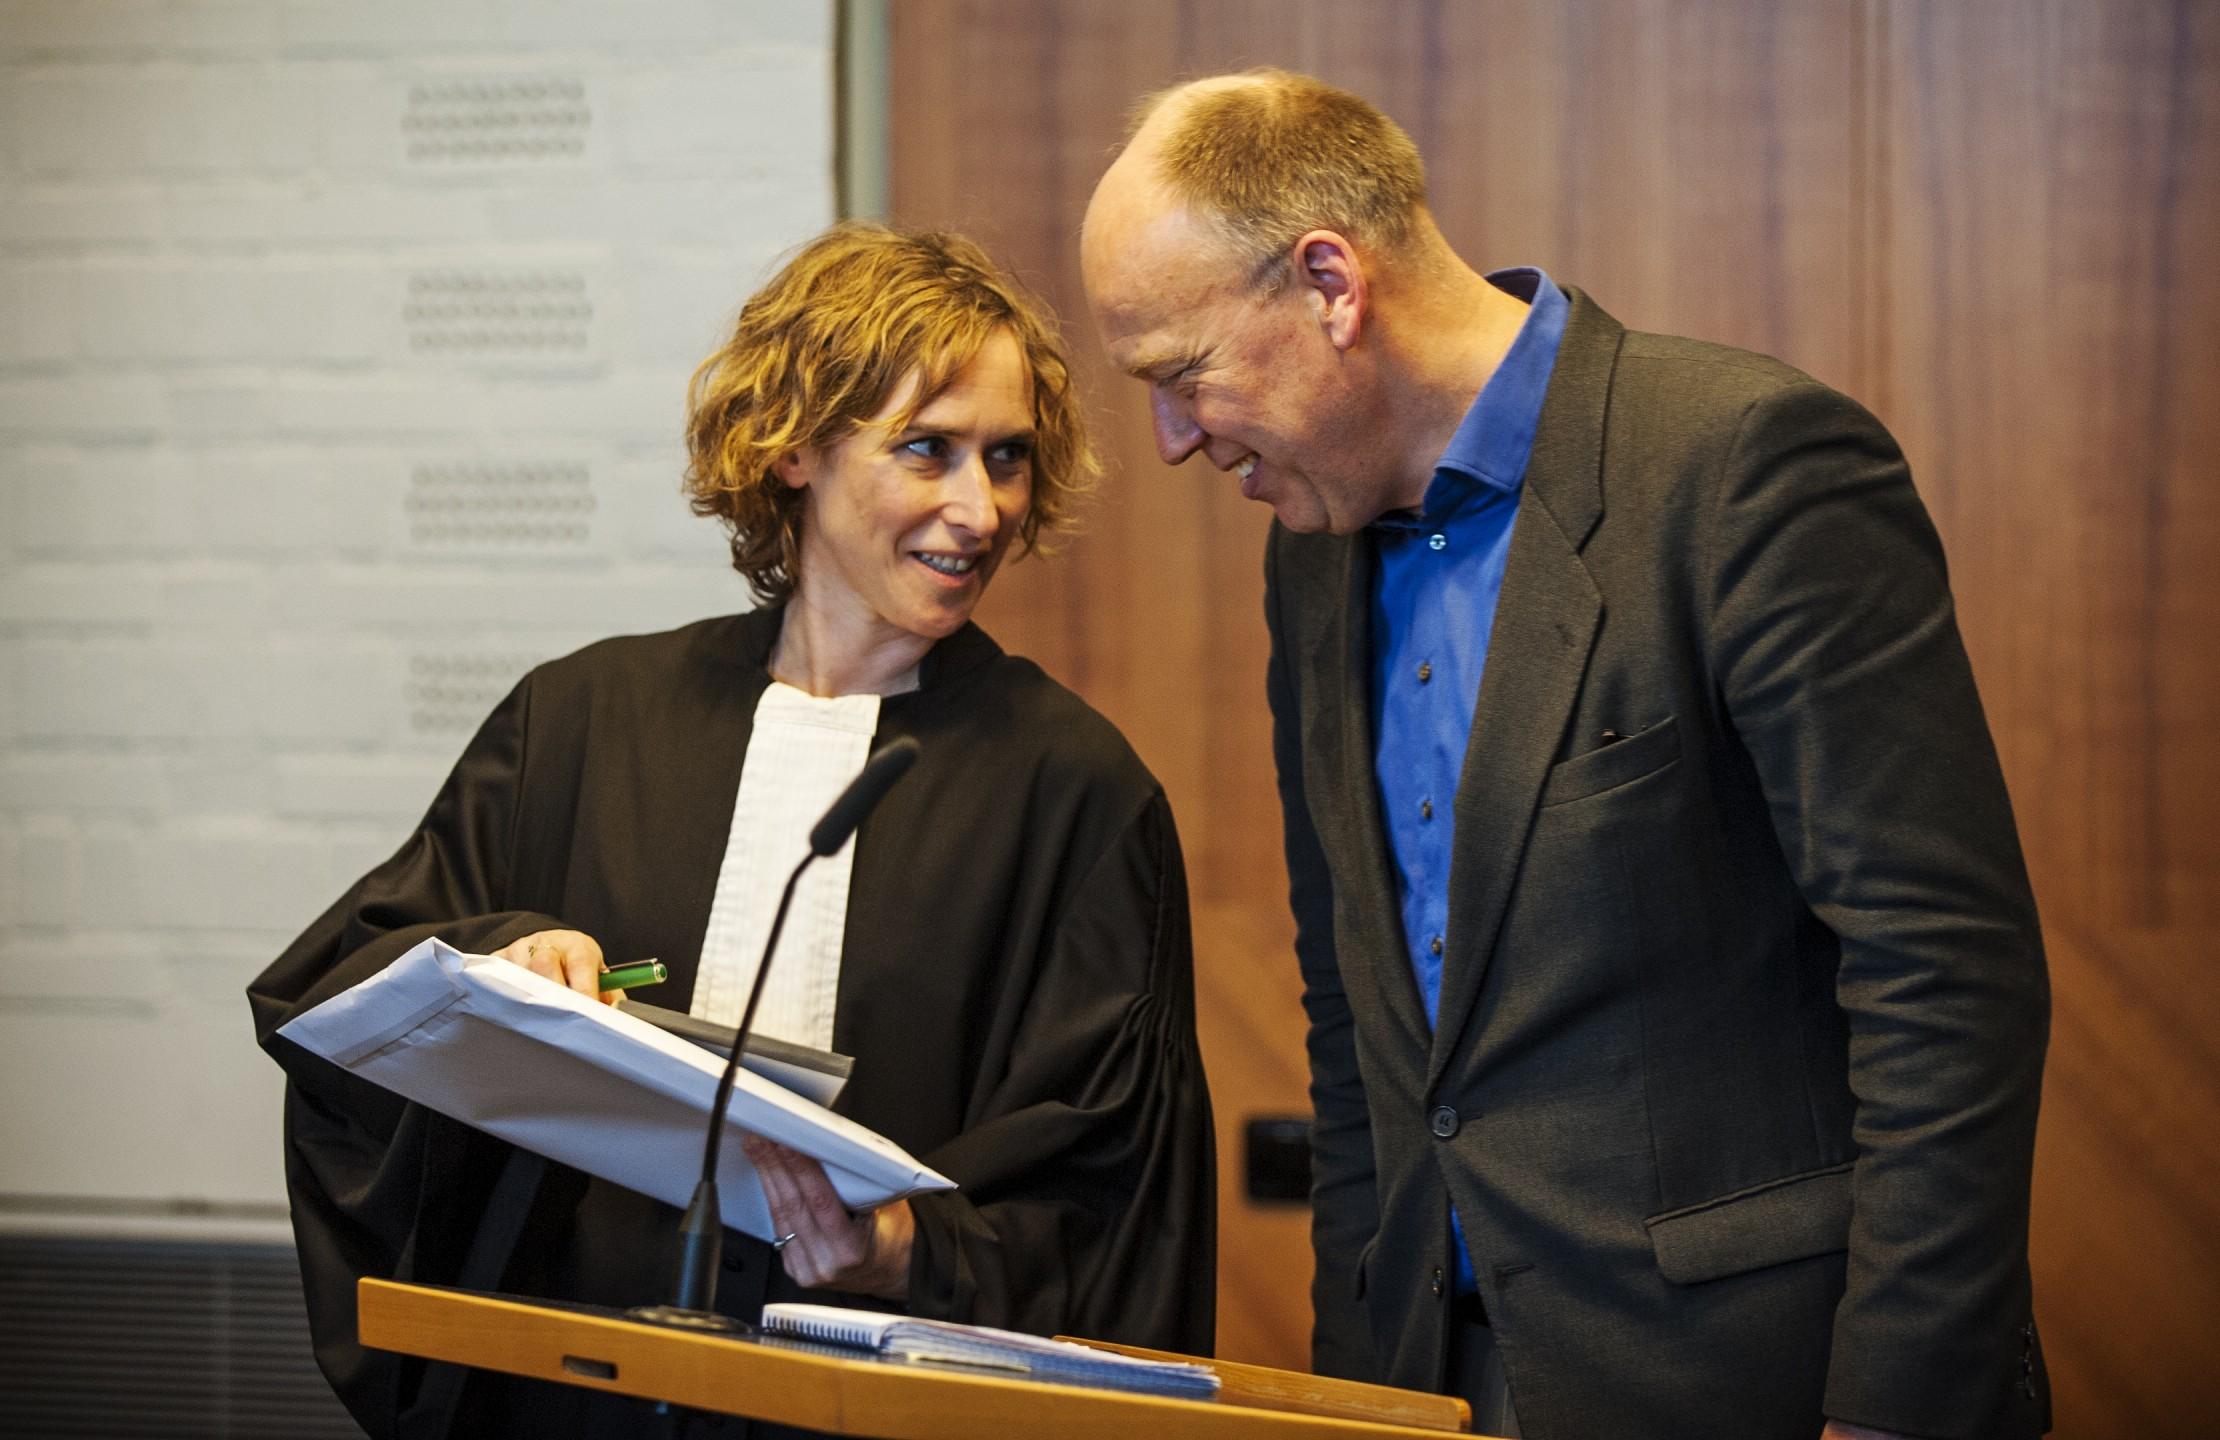 Channa Samkalden en Geert Ritsema van Milieudefensie voeren al zeven jaar een rechtszaak tegen Shell